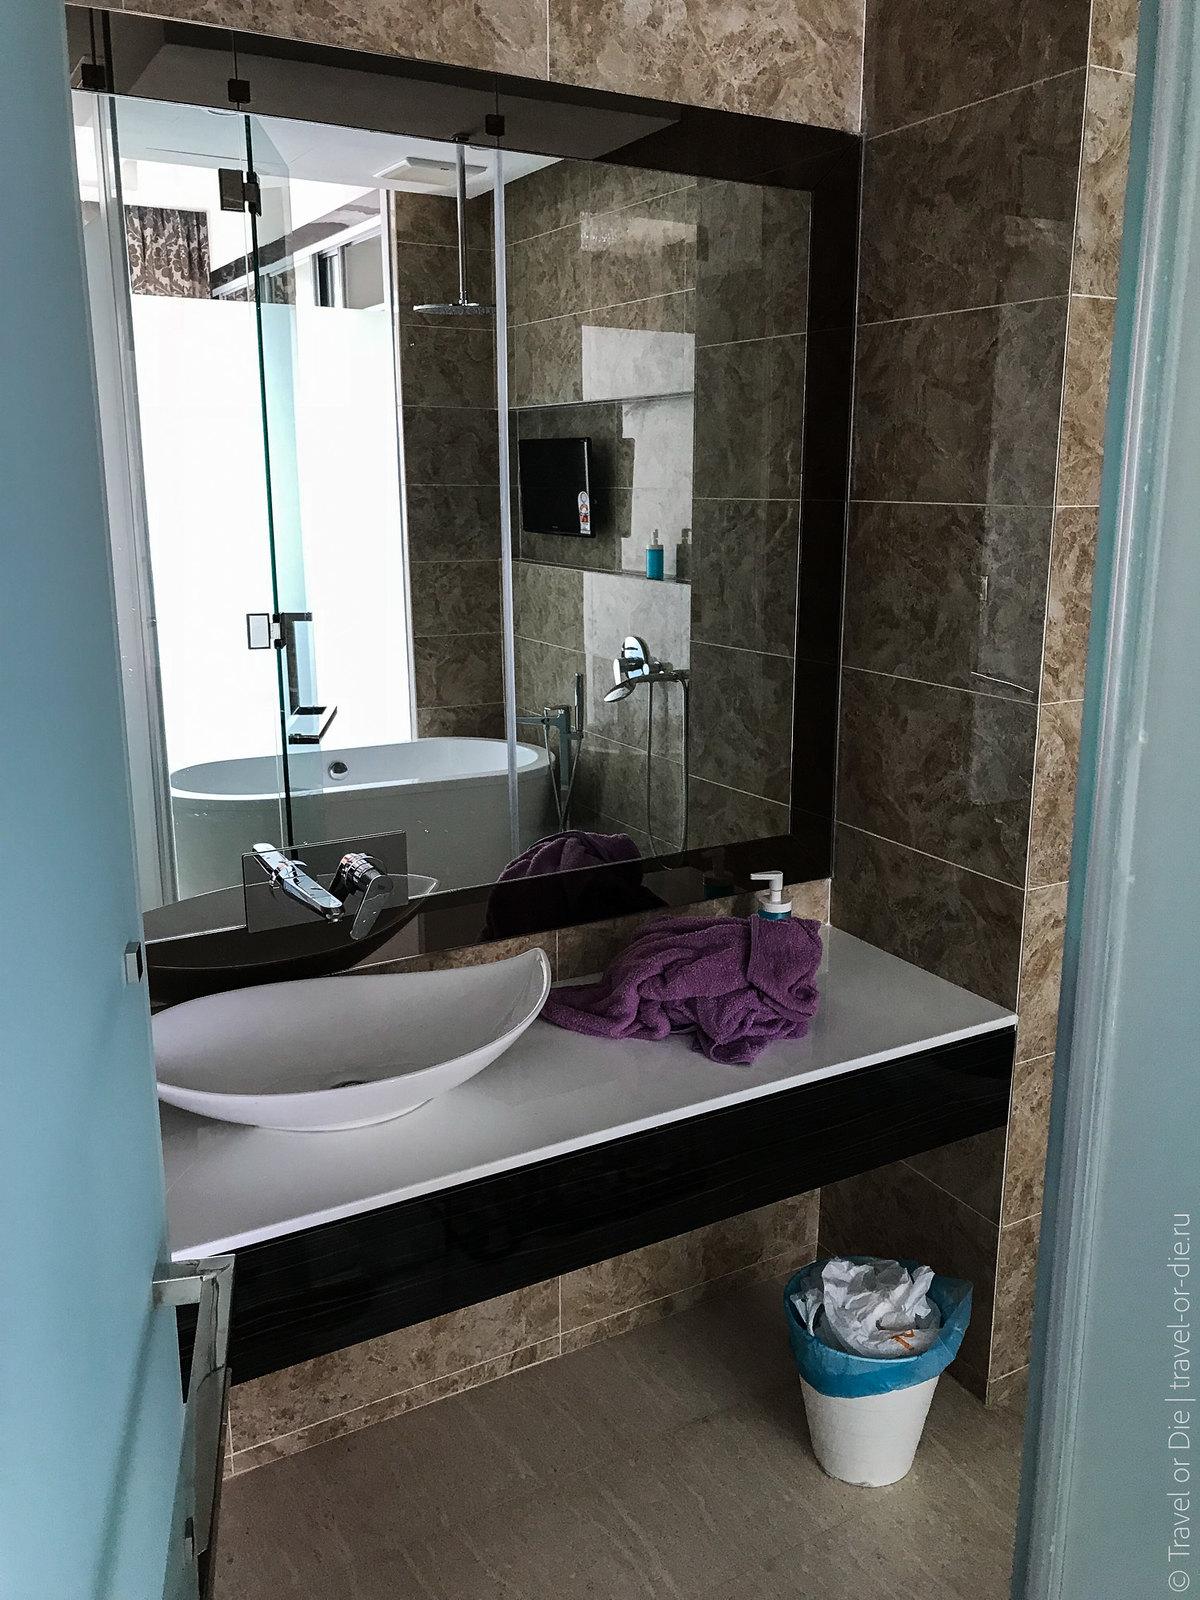 dorsett-regency-apartment-kuala-lumpur-8860